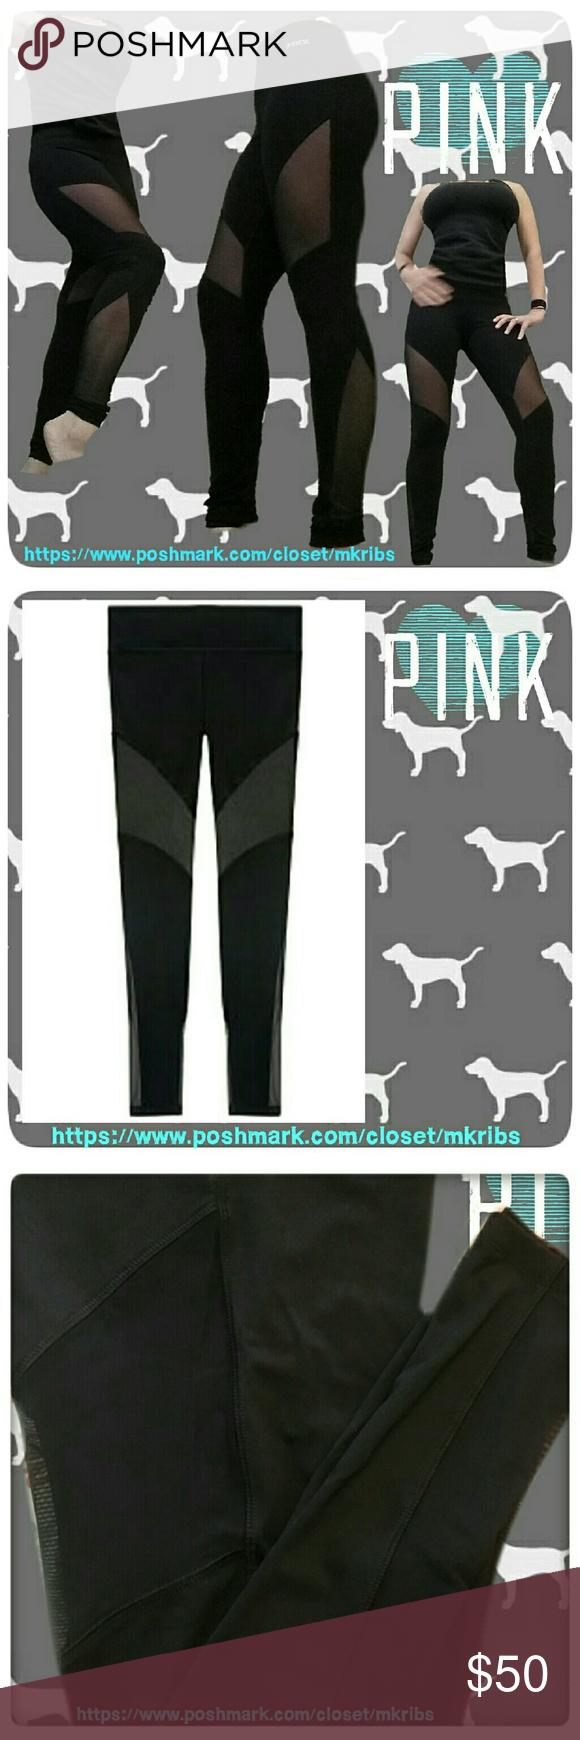 40566802d75c06 VS PINK ultimate legging sheer mesh panels Victoria's Secret 'Ultimate'  high waist full